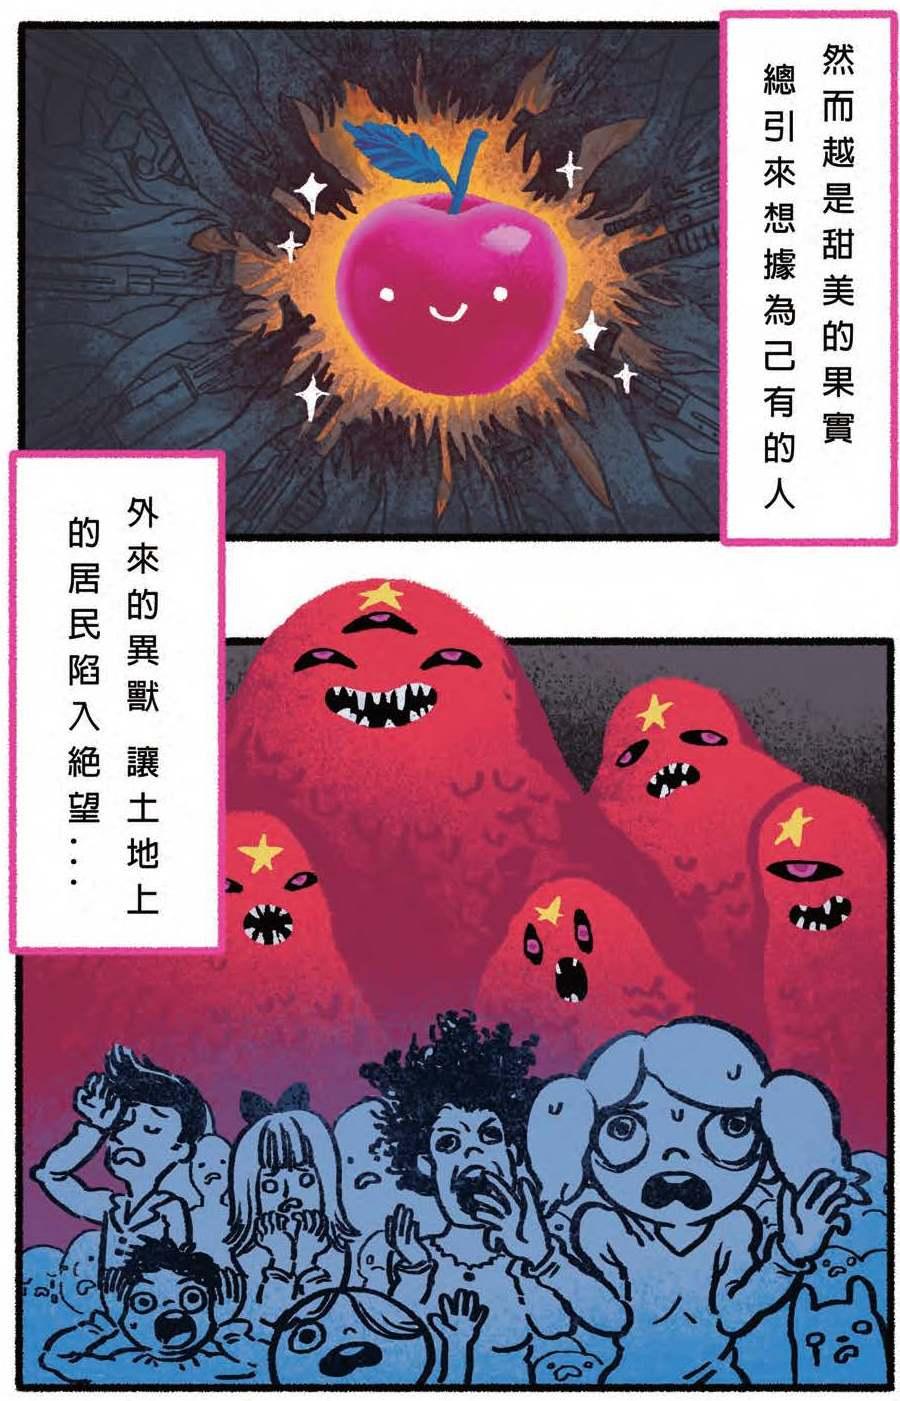 51屆漫畫項國軍組優選_載之樹04.jpg